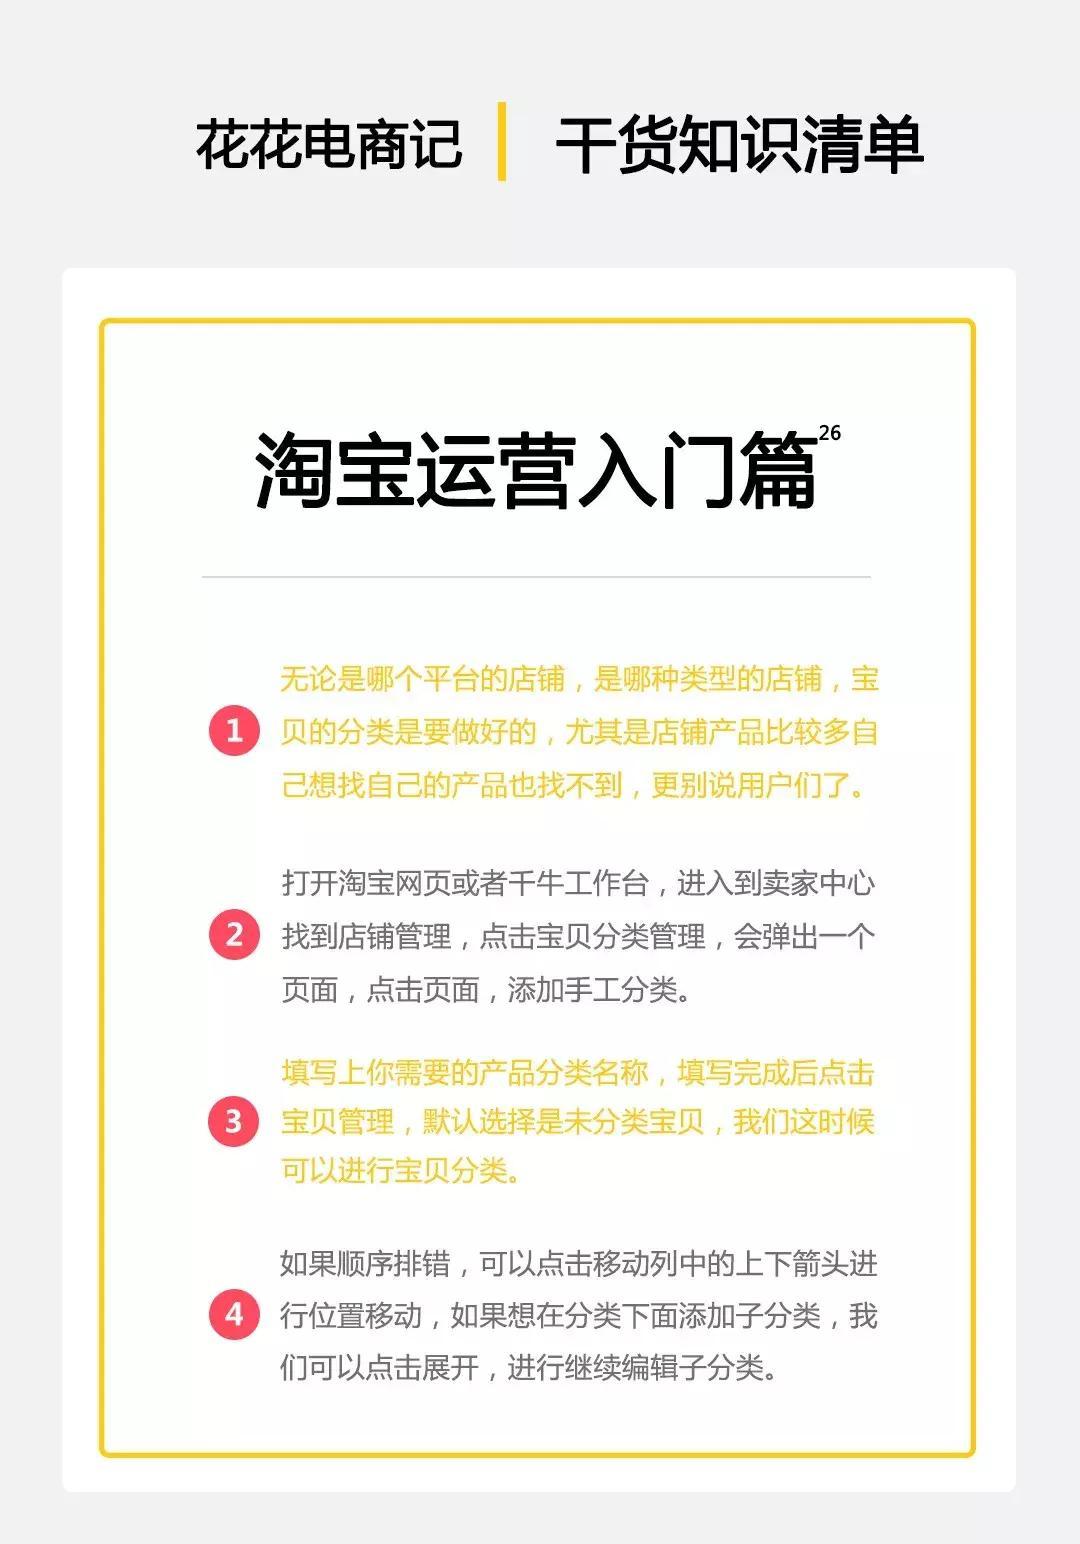 淘宝店铺的类型可以更改吗(淘宝发布宝贝分类怎么添加)插图(6)